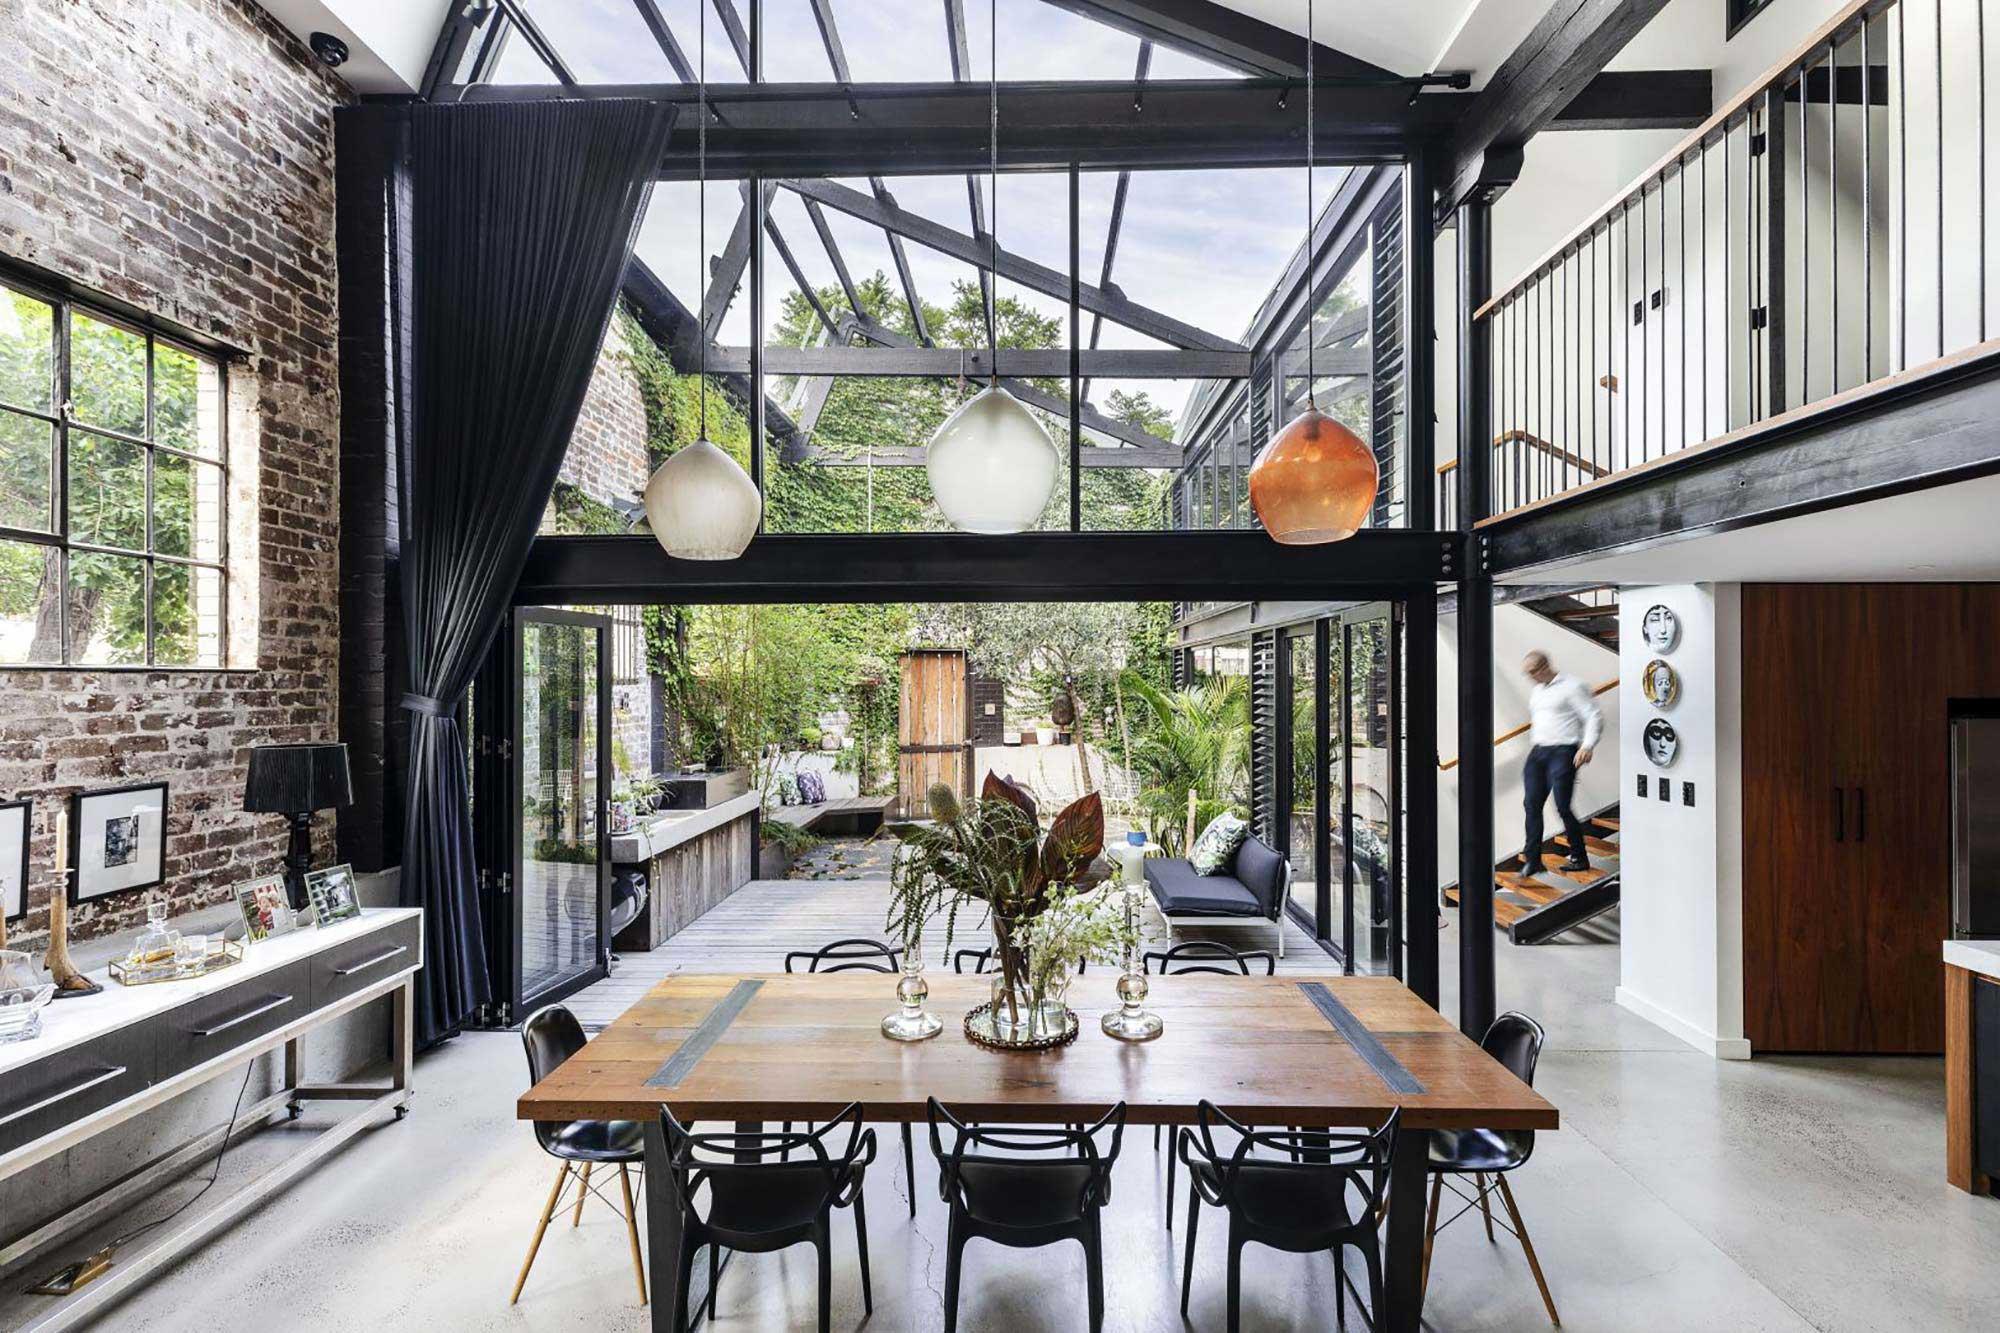 Fusion entre intérieur et extérieur dans un loft industriel